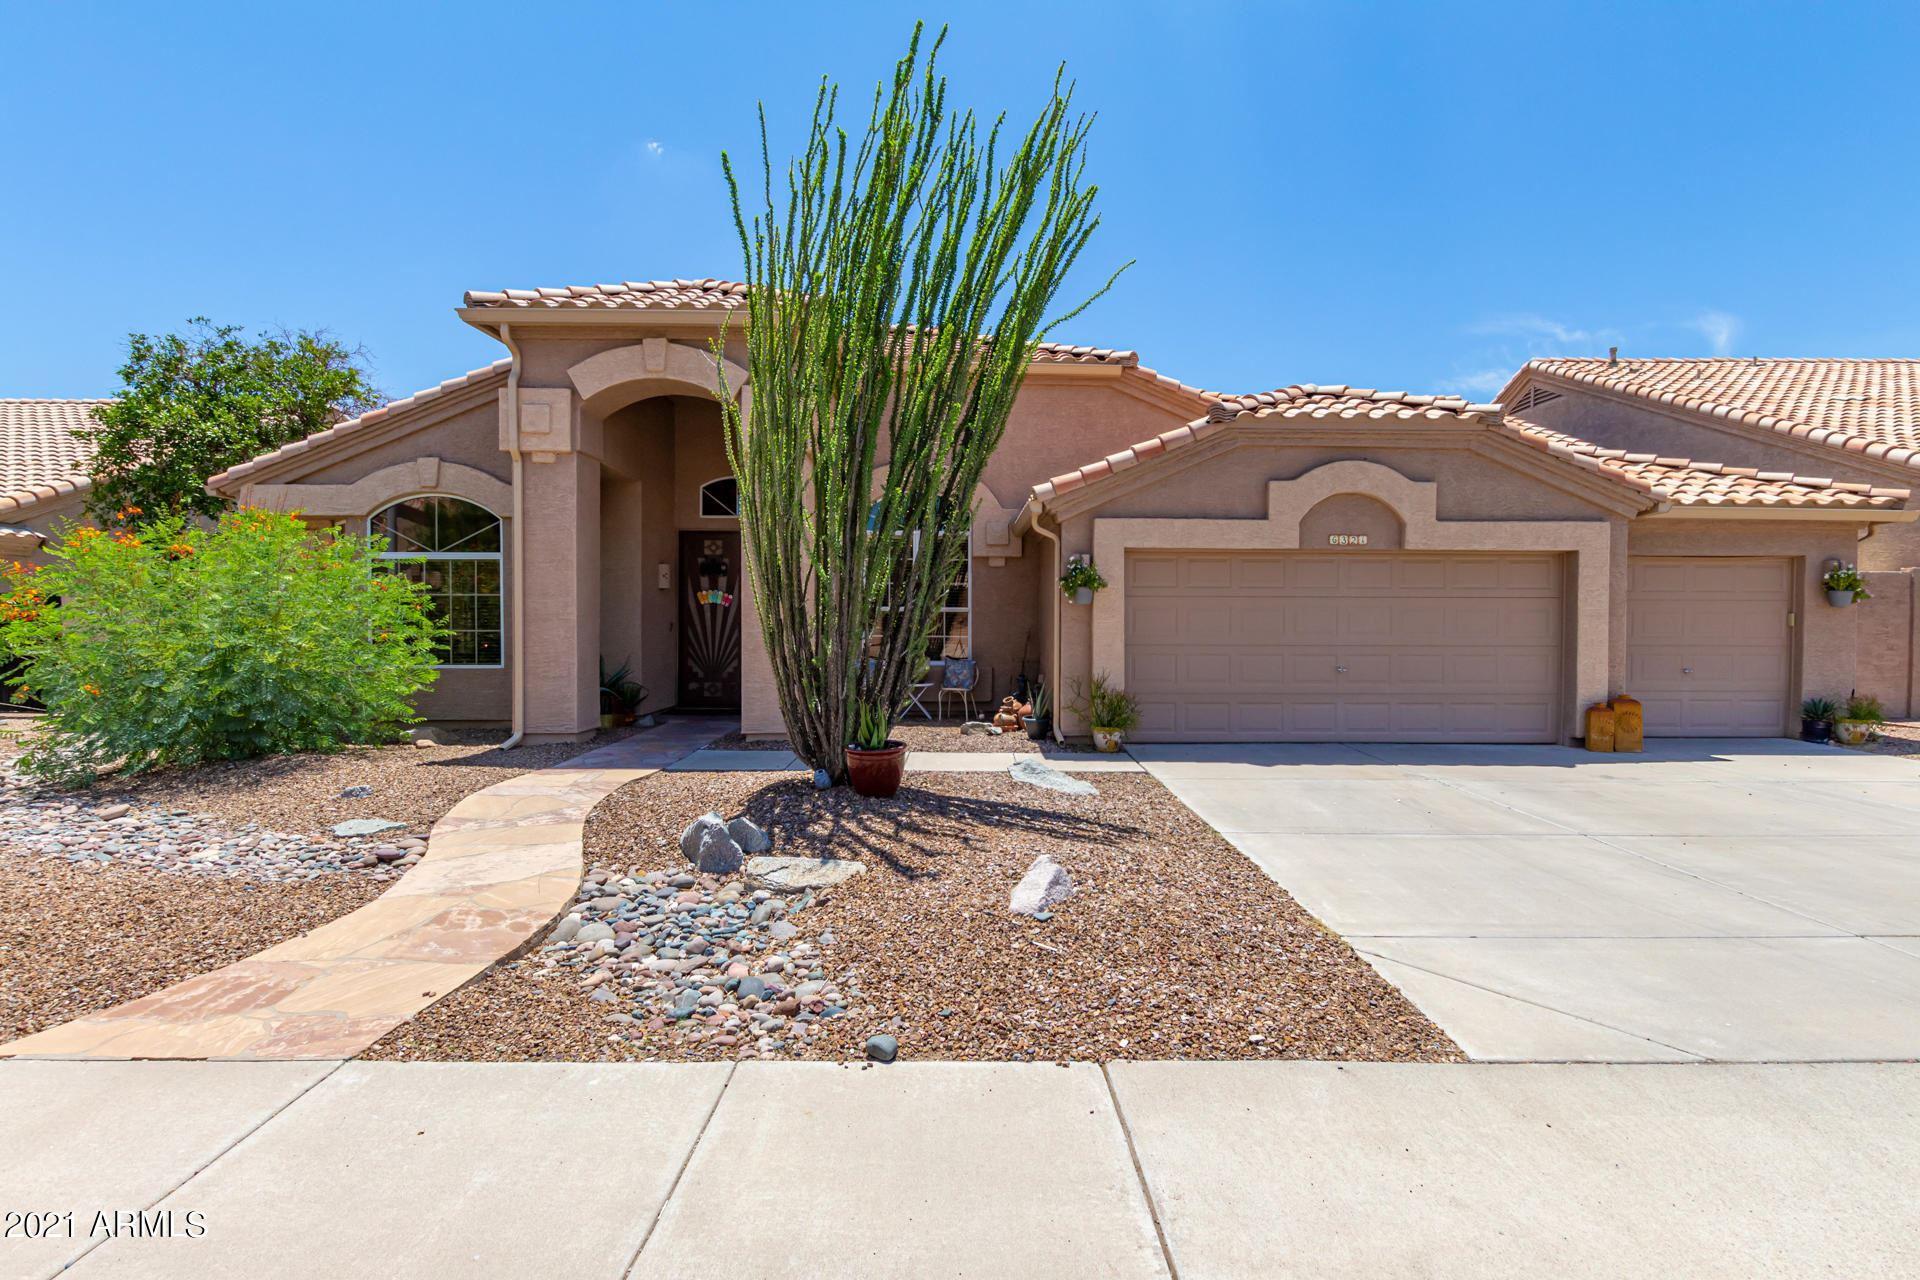 Photo of 6321 W LINDA Lane, Chandler, AZ 85226 (MLS # 6272625)